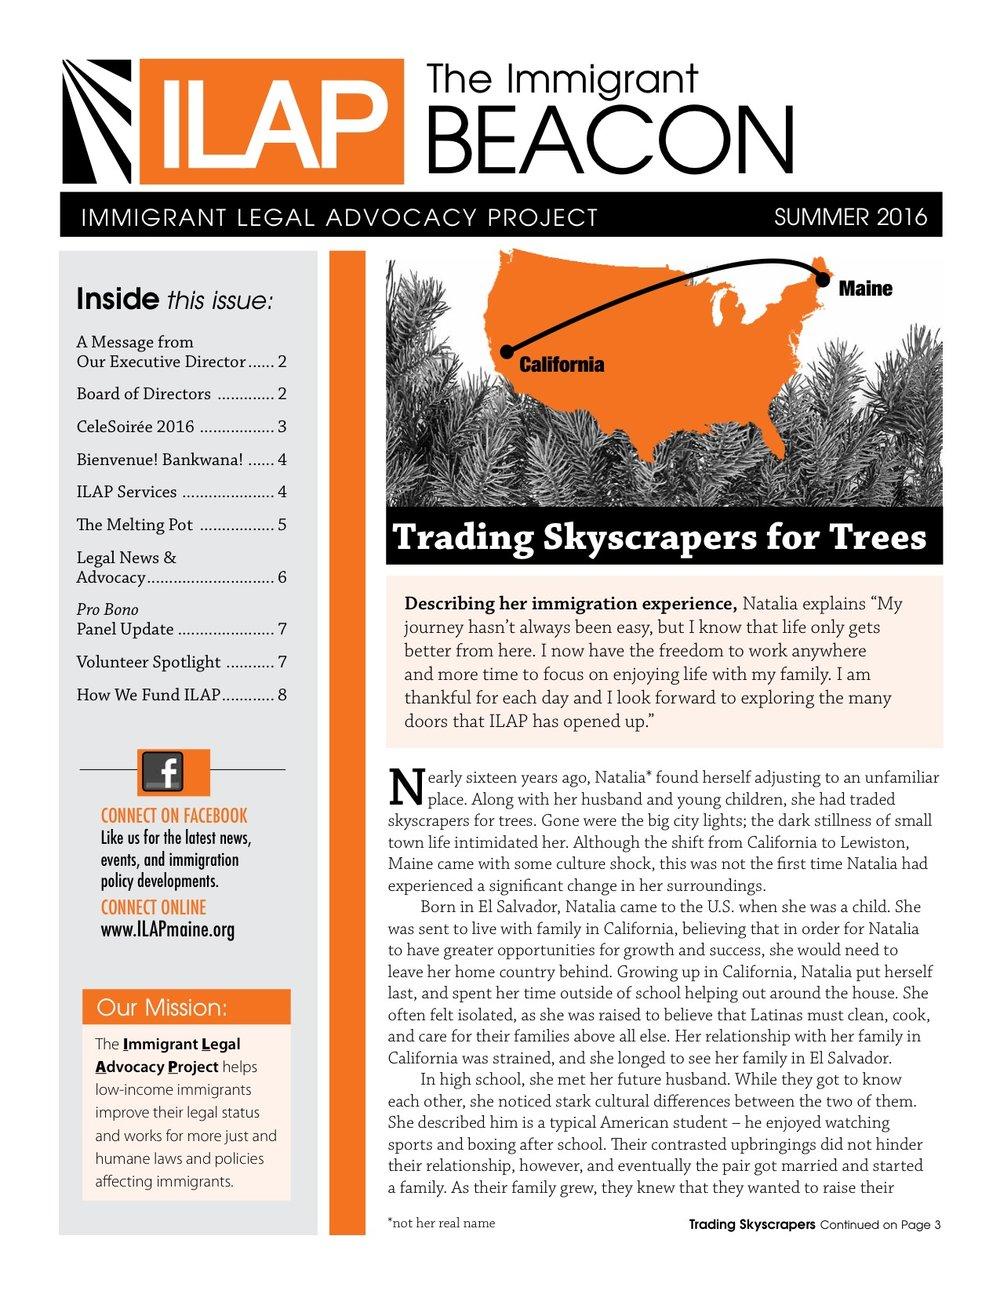 ILAP BeaconSummer(6 13 16-WEB).jpeg